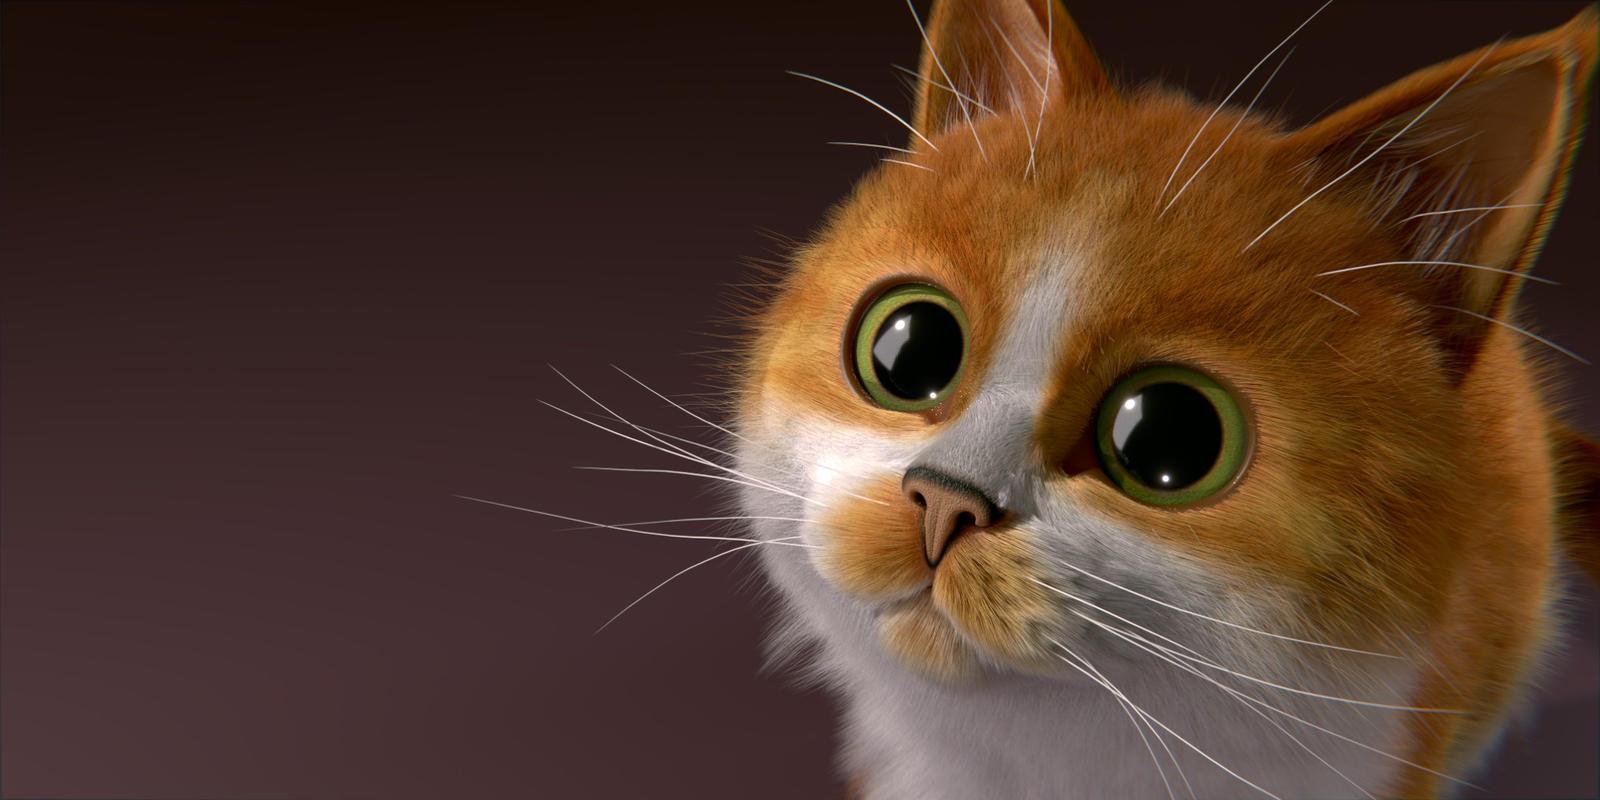 Kitty In A Blender ~ Blender cat splashscreen entry by obi knobi on deviantart